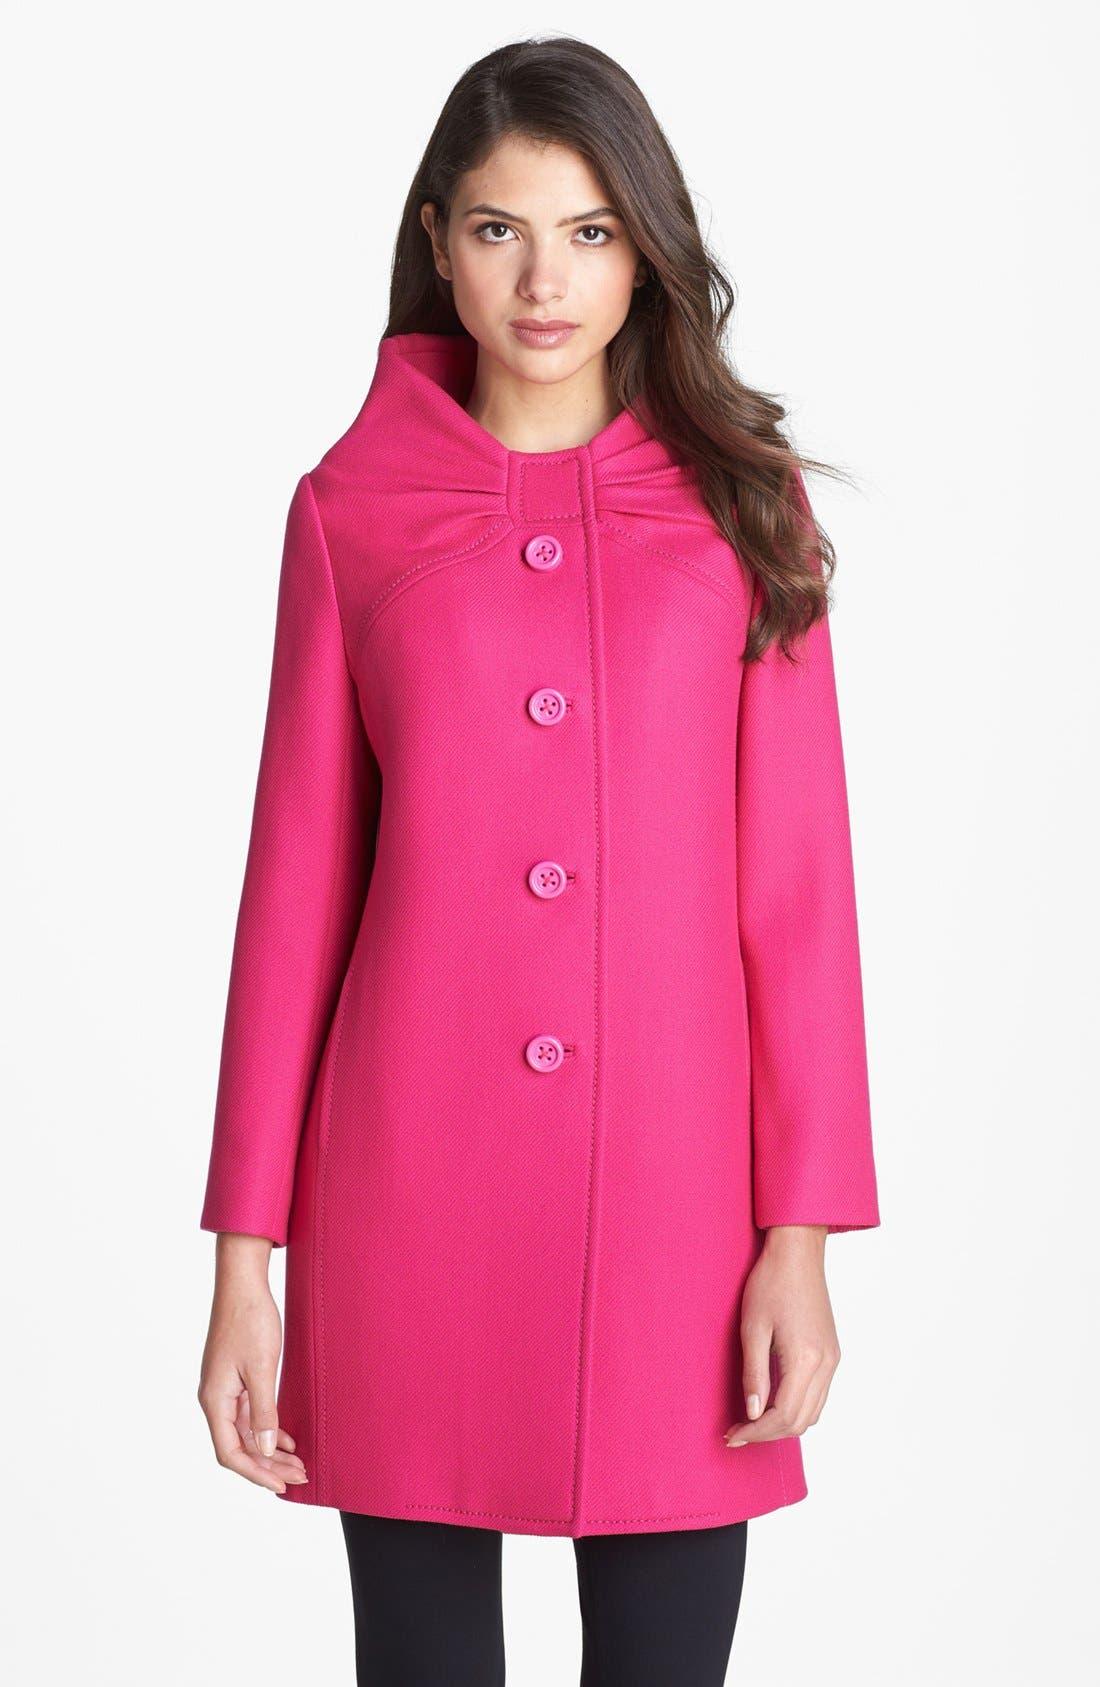 kate spade new york 'etta' wool coat